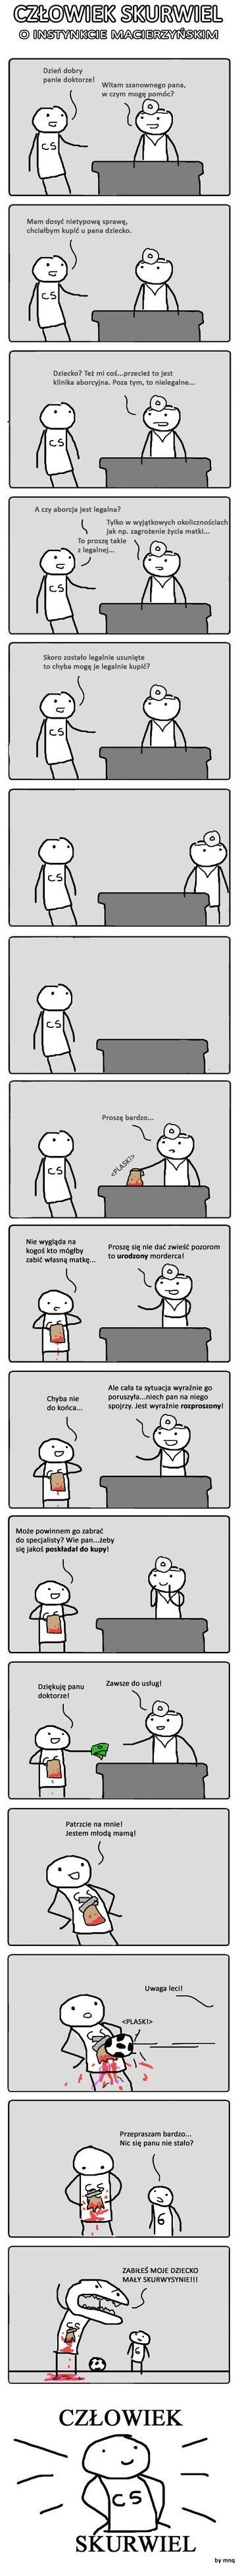 Człowiek Skurwiel - O Instynkcie Macierzyńskim